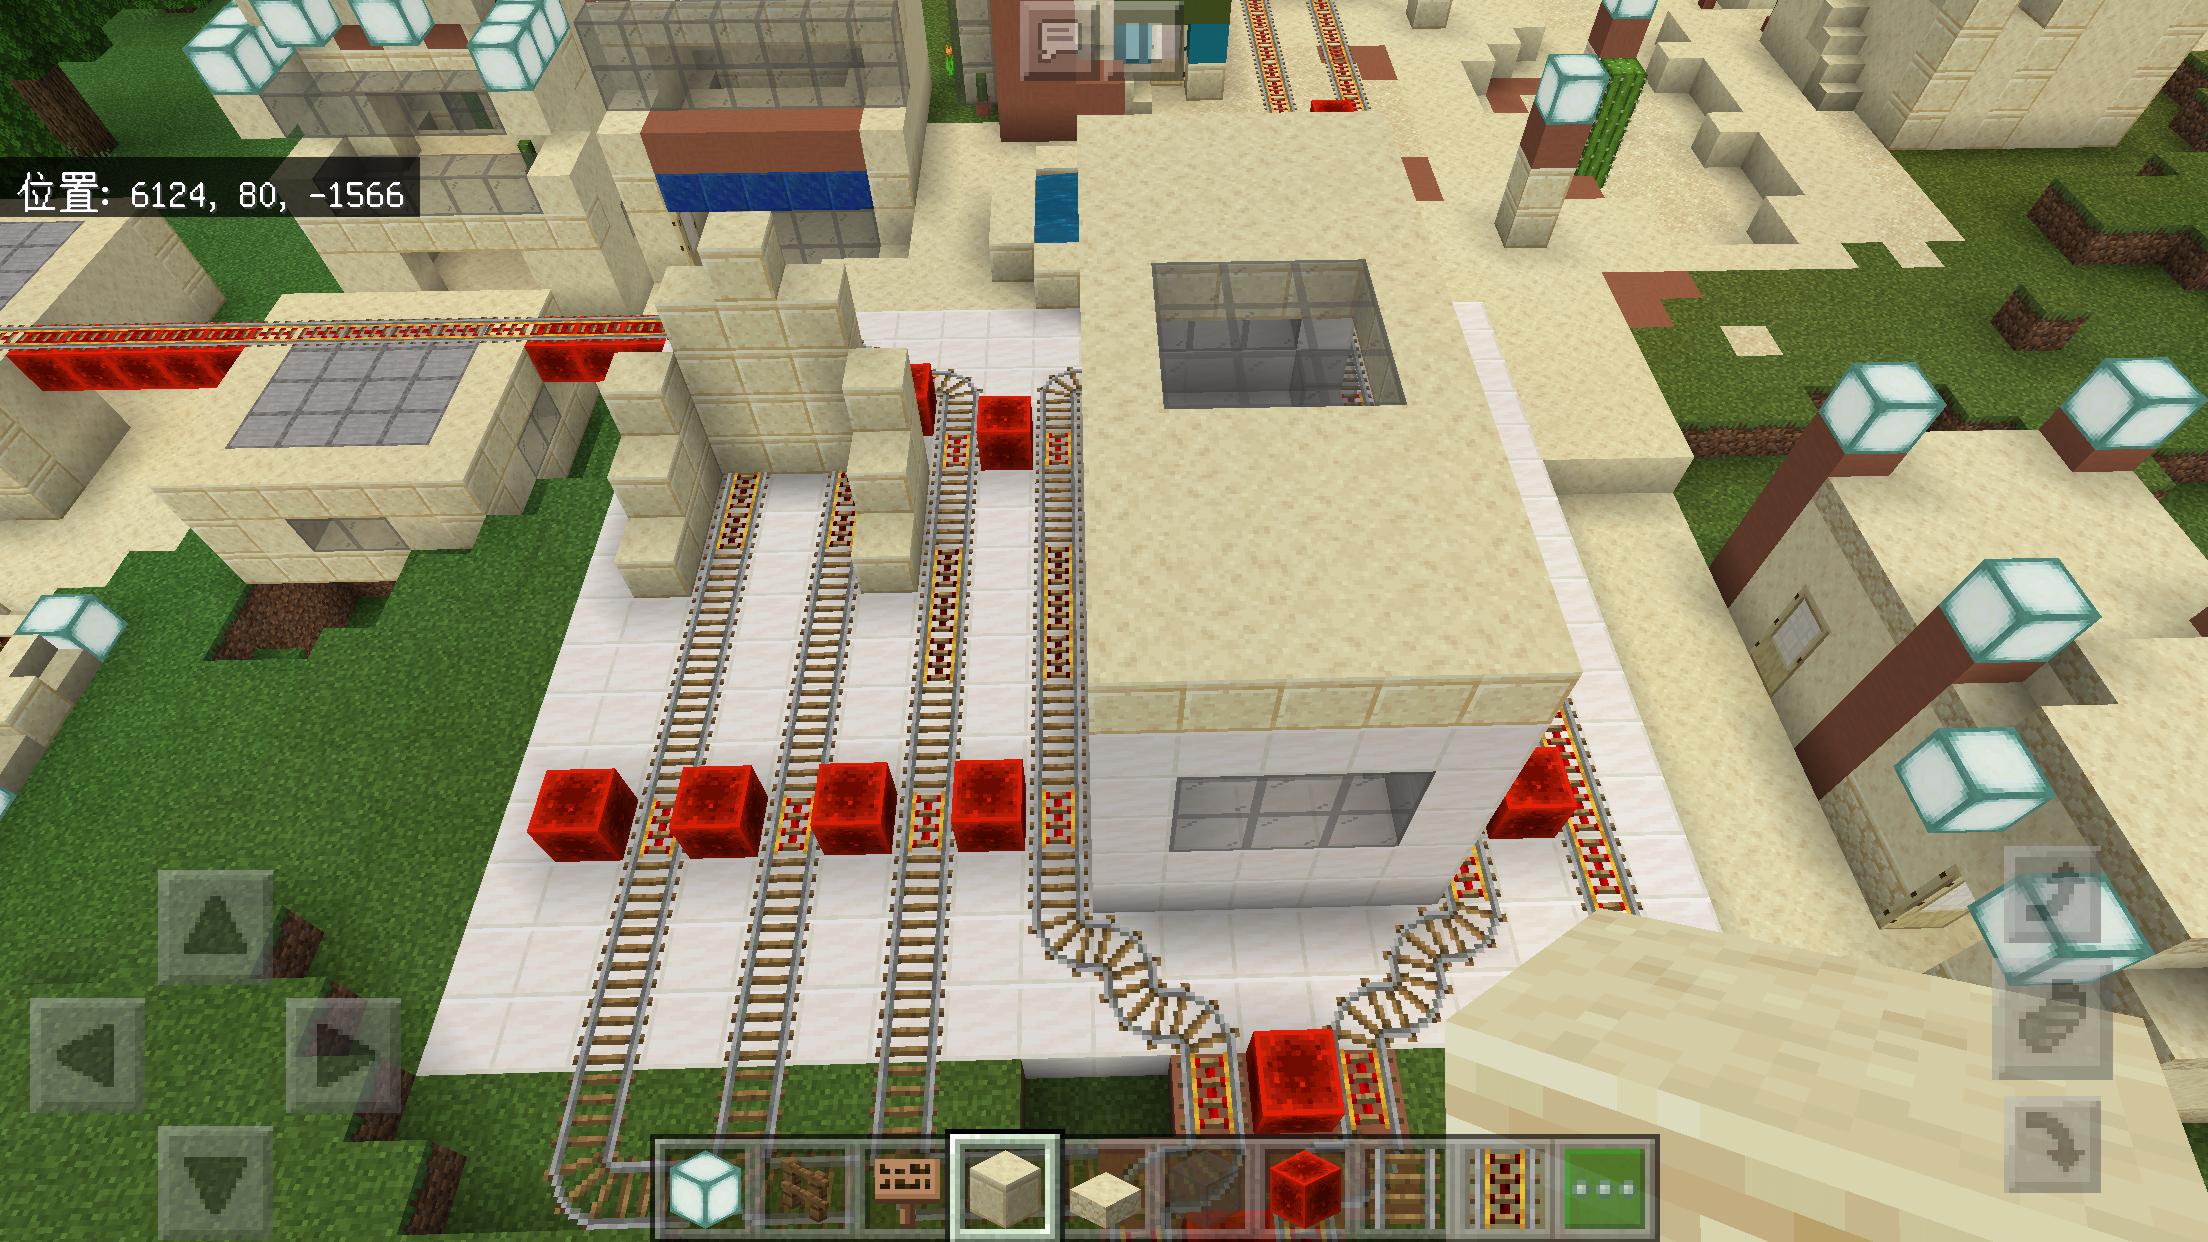 f:id:Minecraftkun:20200301151636p:image